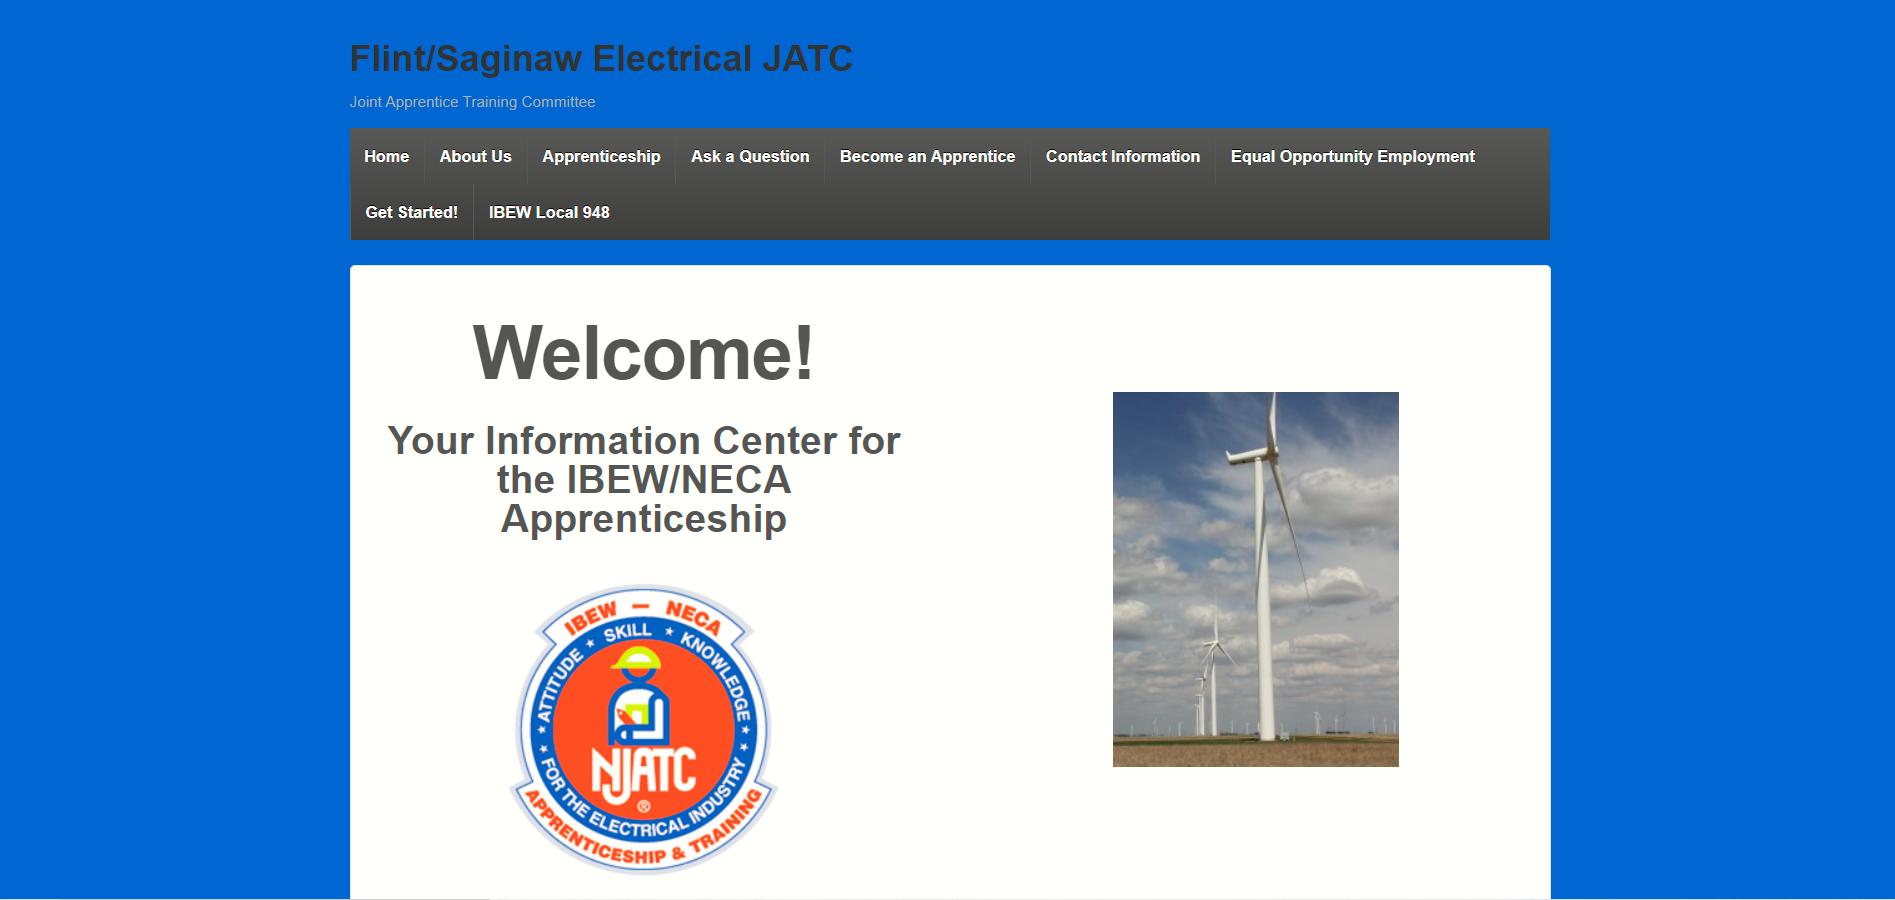 flint electrical jatc